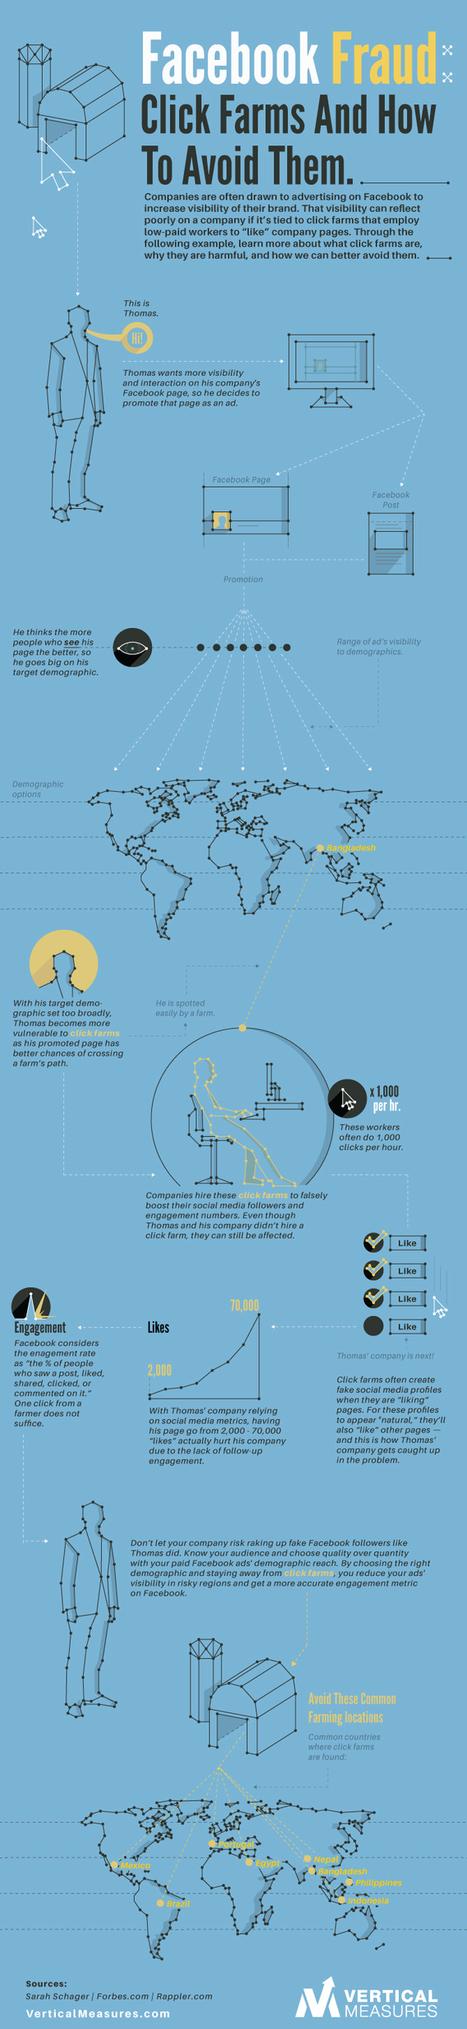 El fraude de las granjas de clics en FaceBook #infografia #infographic #socialmedia | Seo, Social Media Marketing | Scoop.it